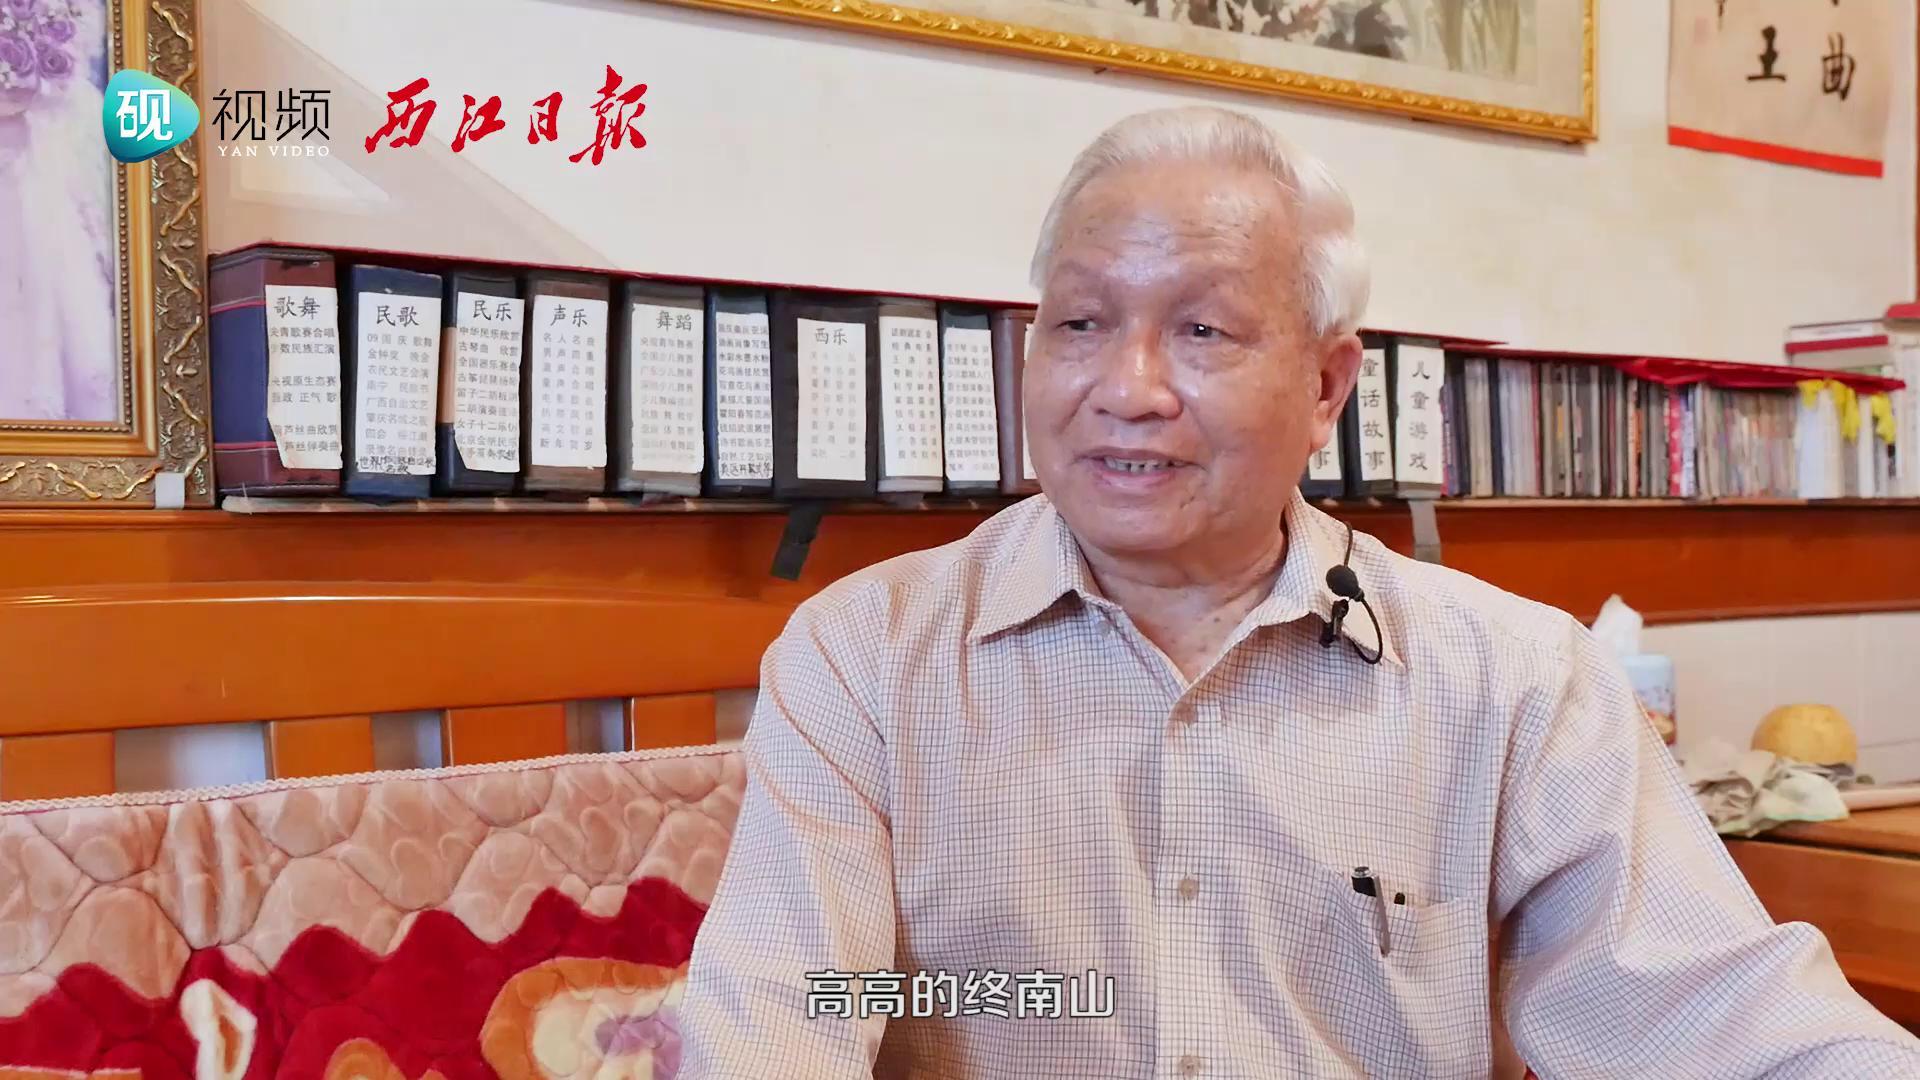 肇庆非遗传承人李重明:让四会民歌唱出广东